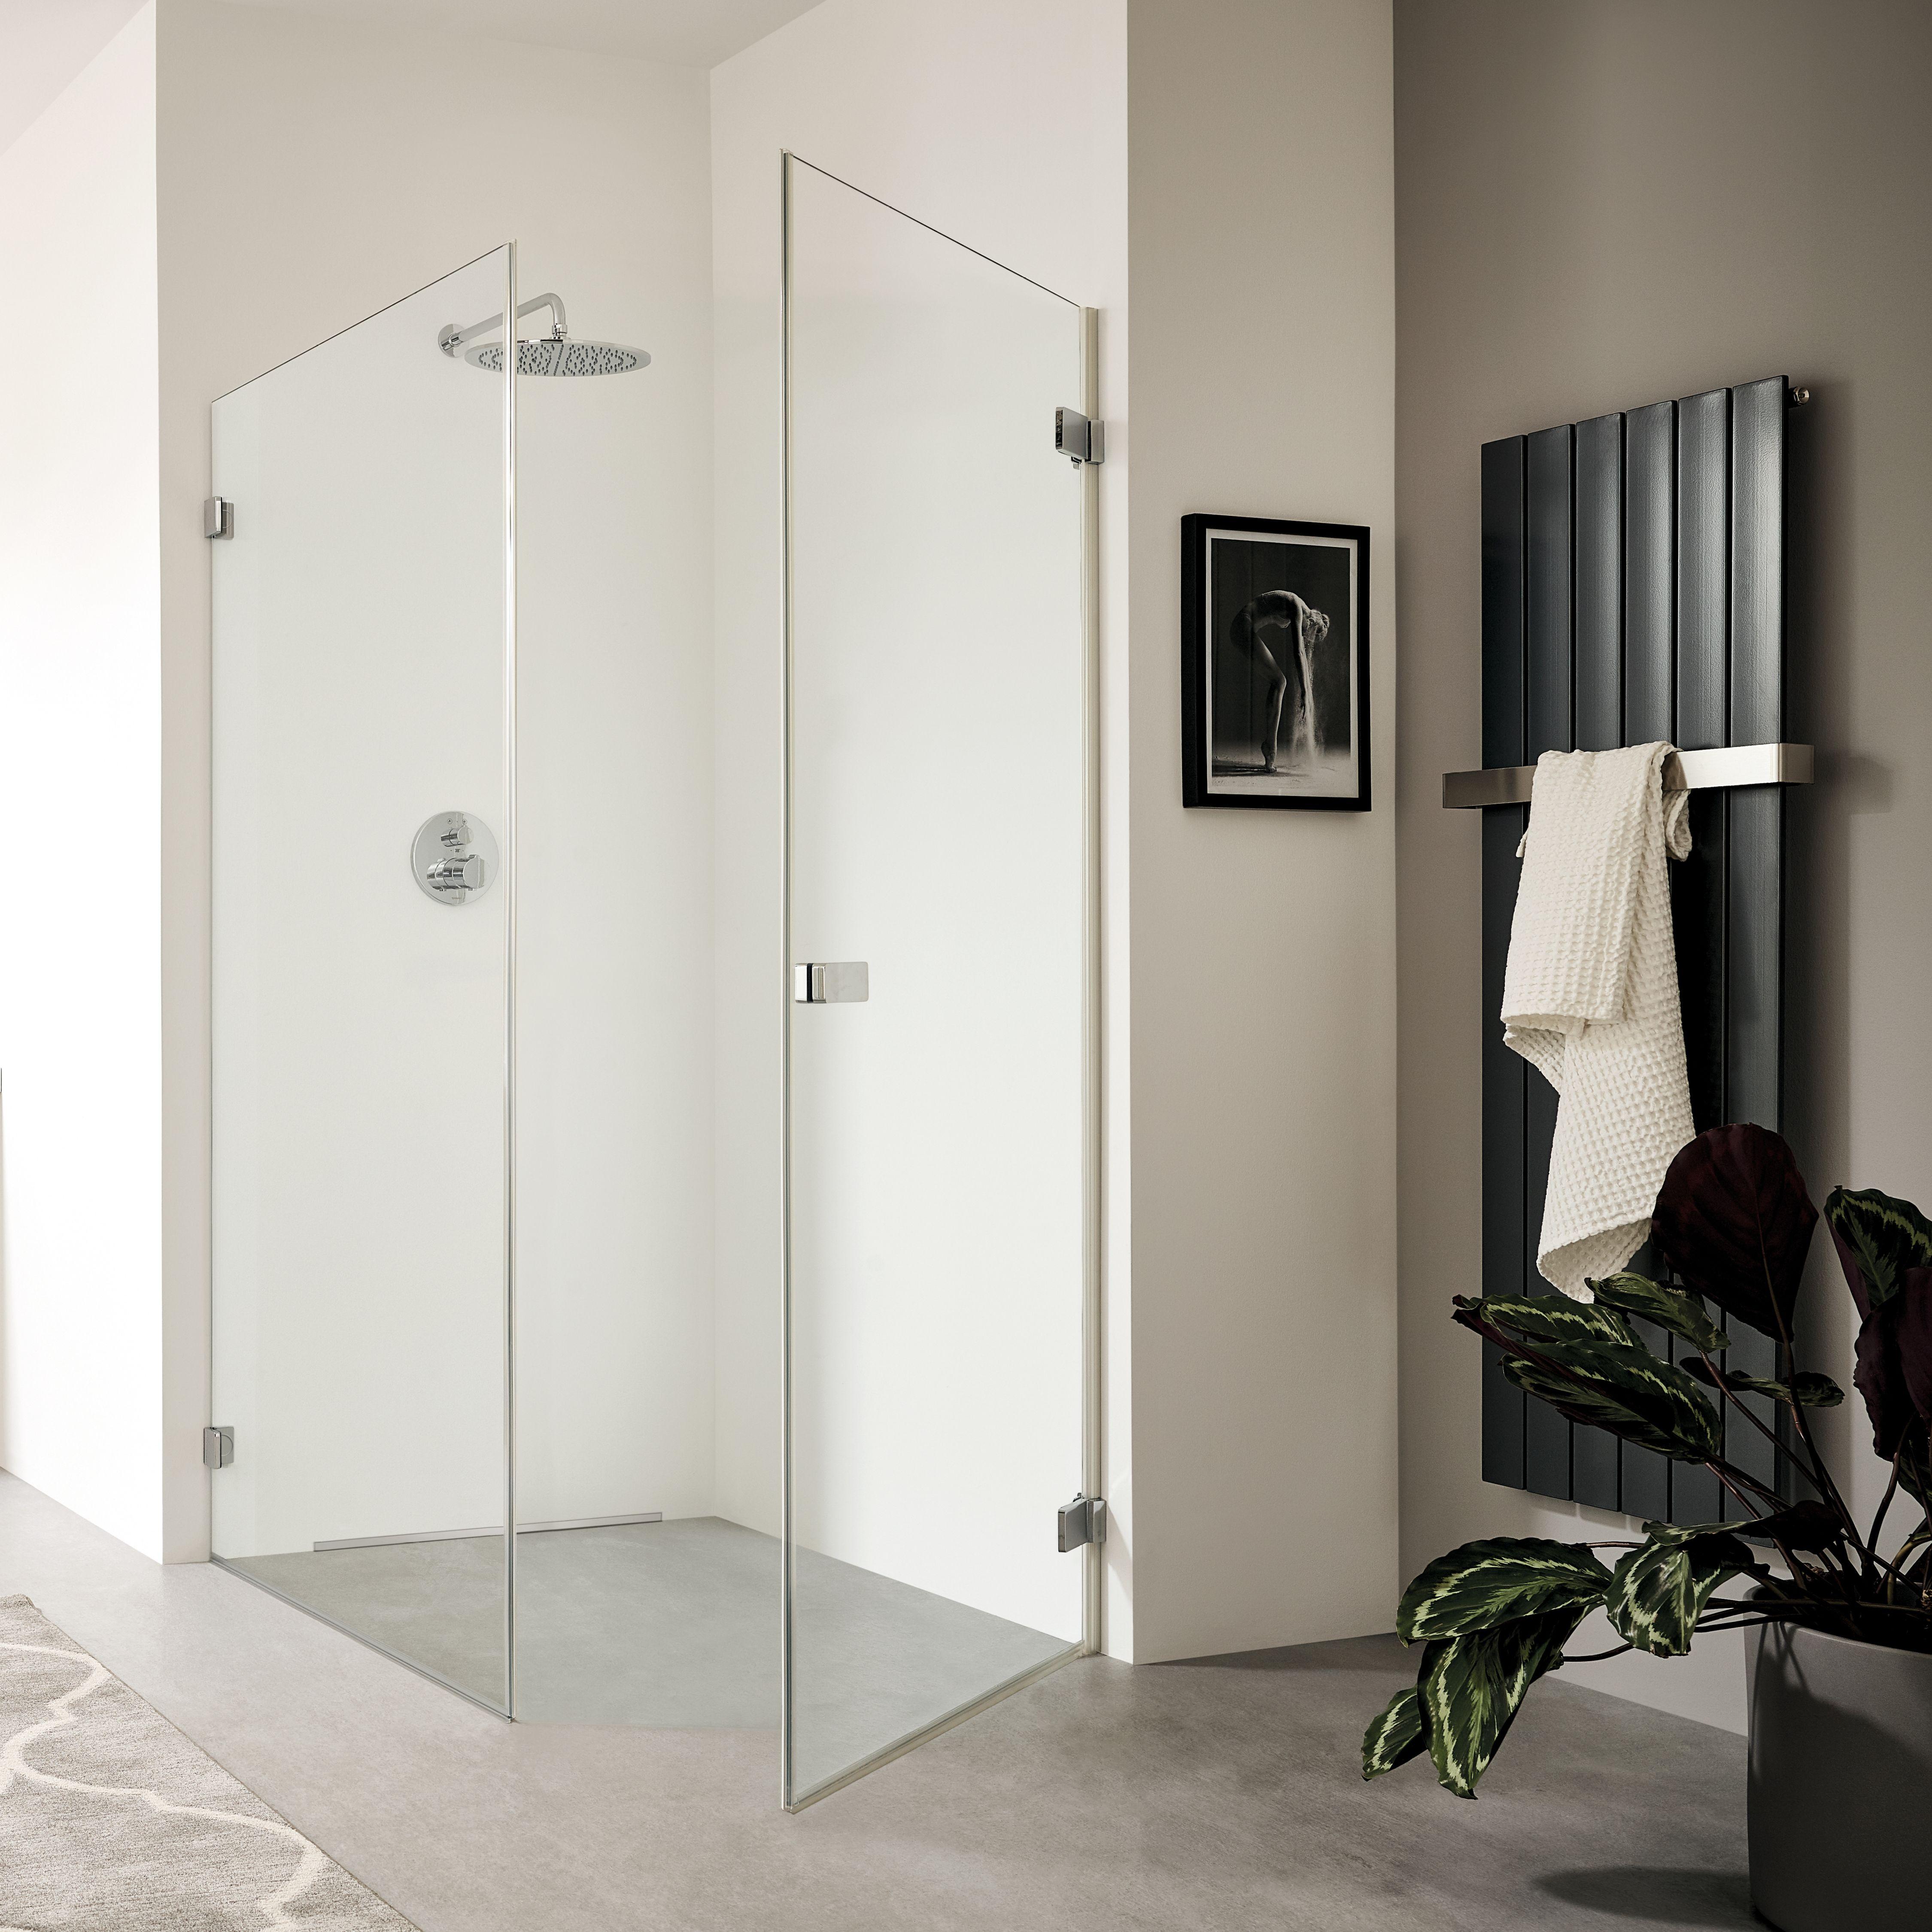 Unsere Glasdusche Vega Individualitat Fur Ihr Zuhause Dusche Duschkabine Glas Badezimmer Umbau